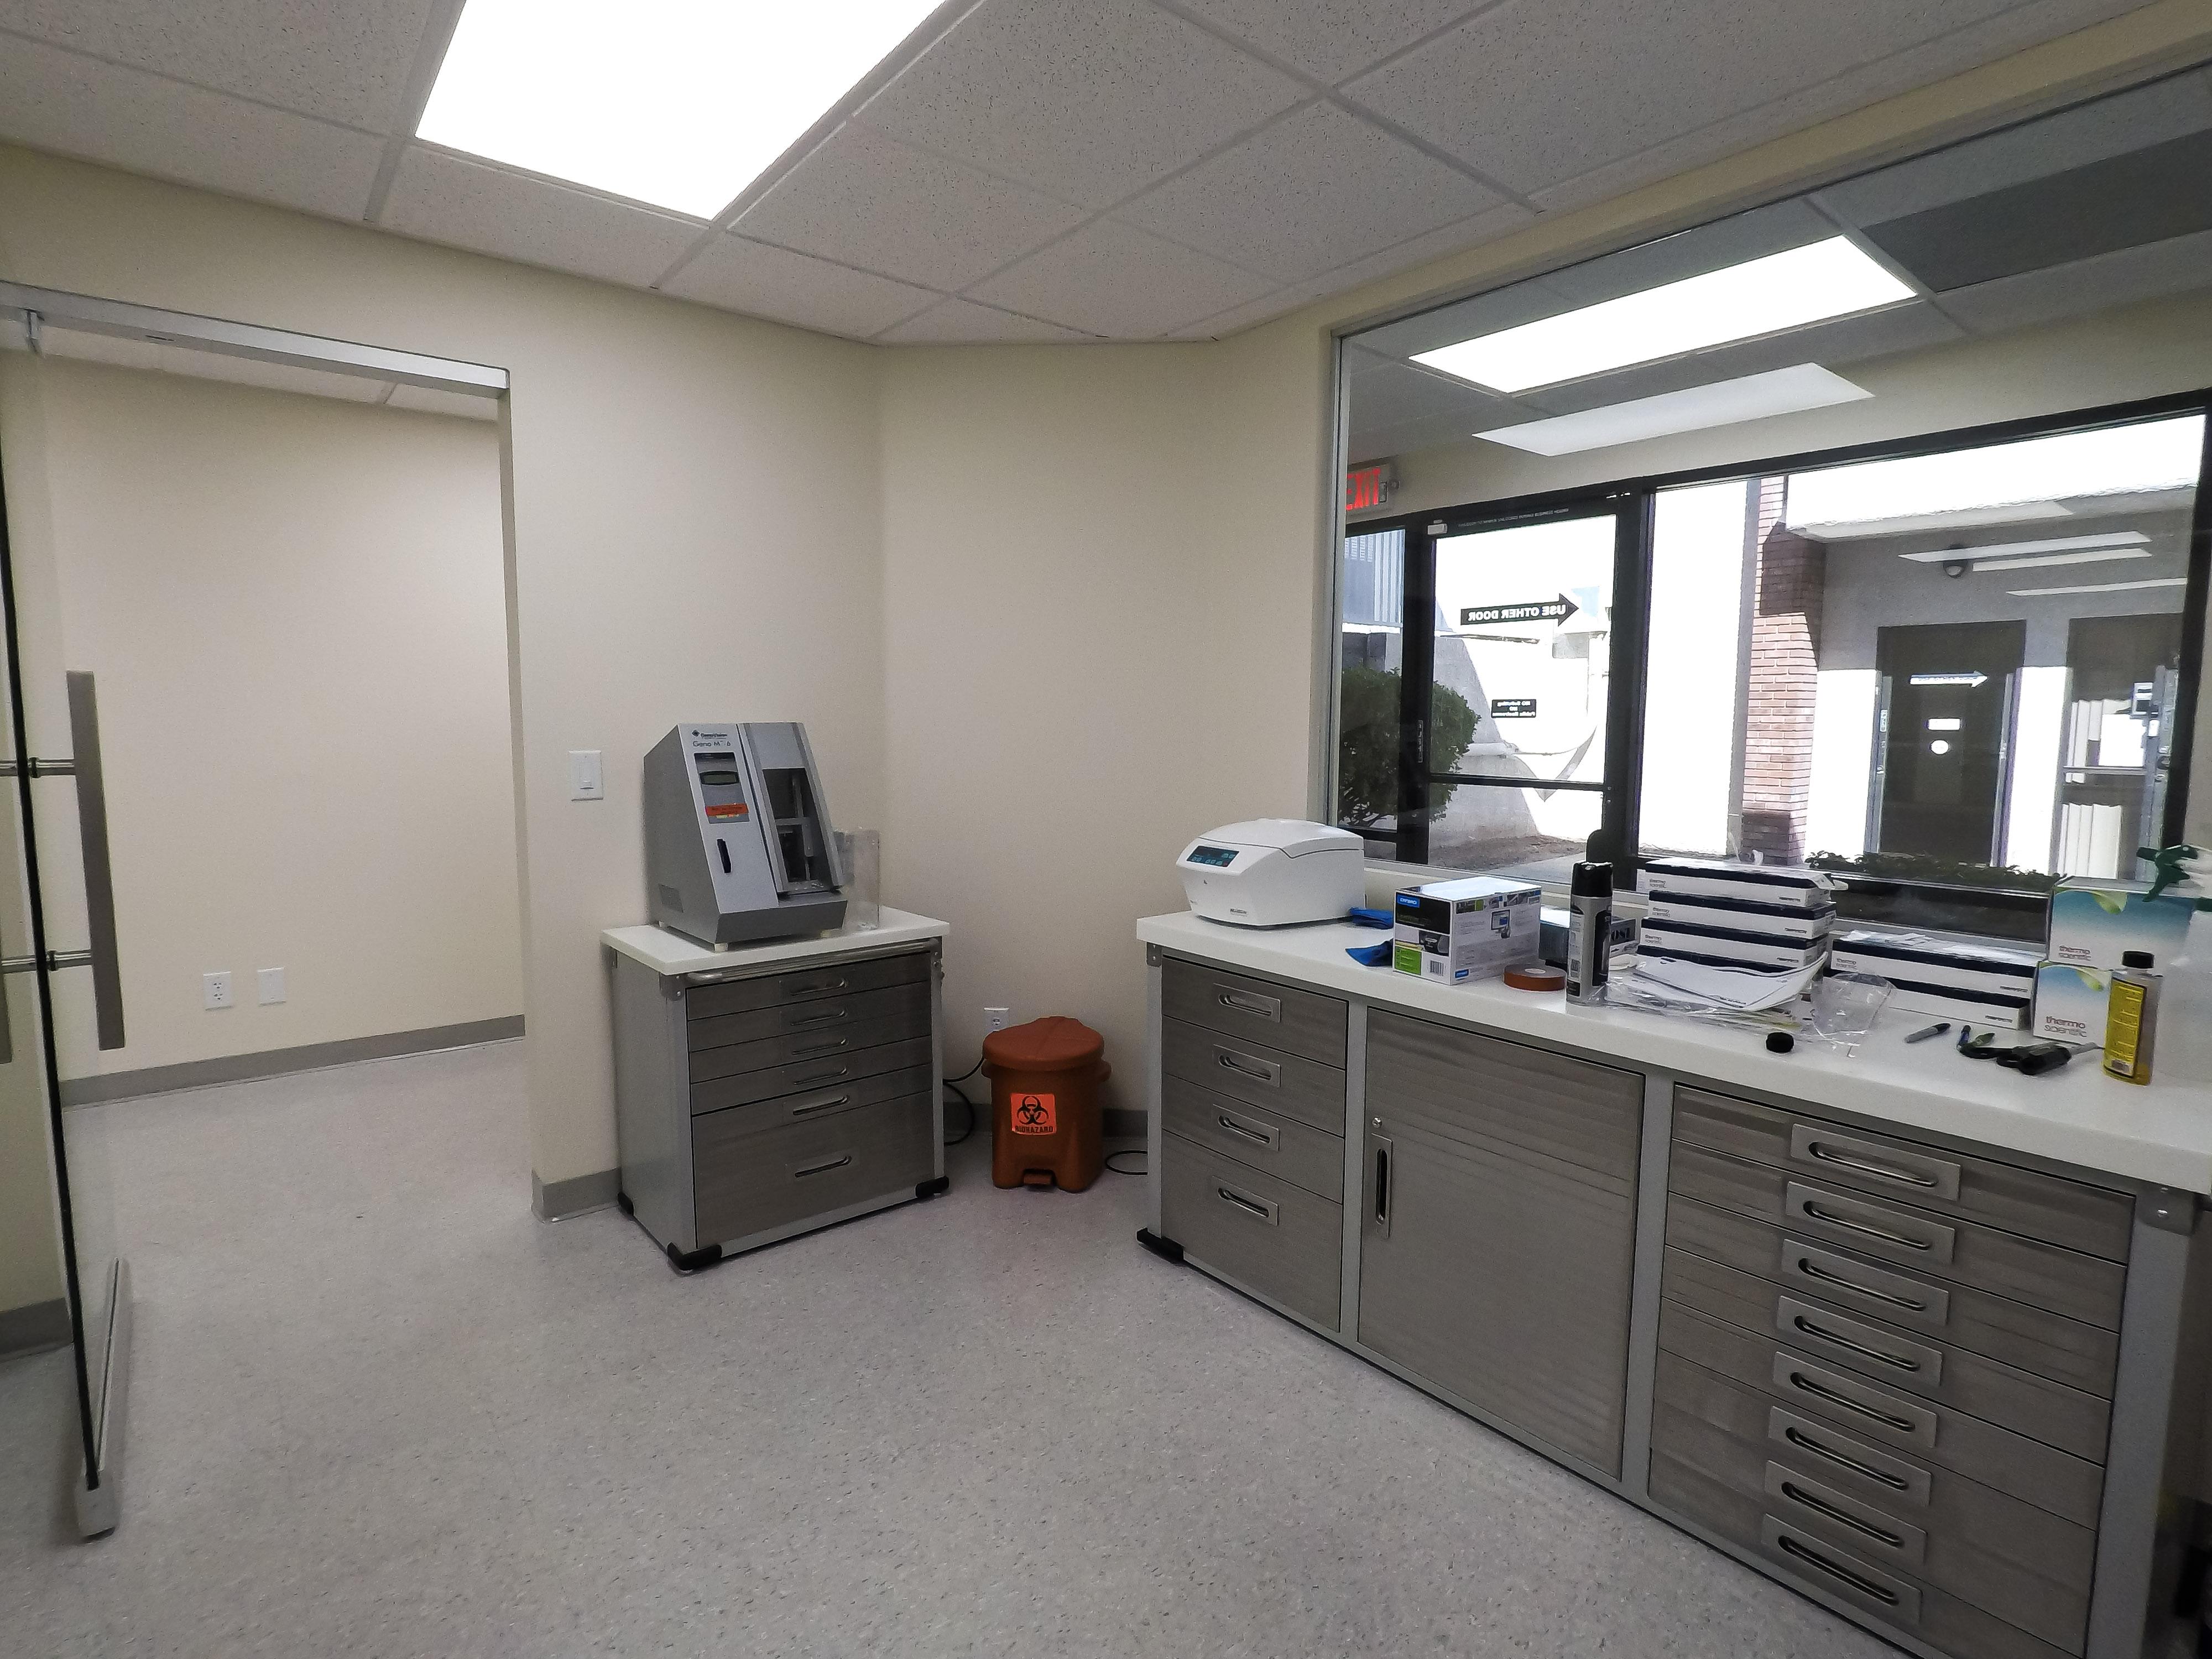 Lab #1